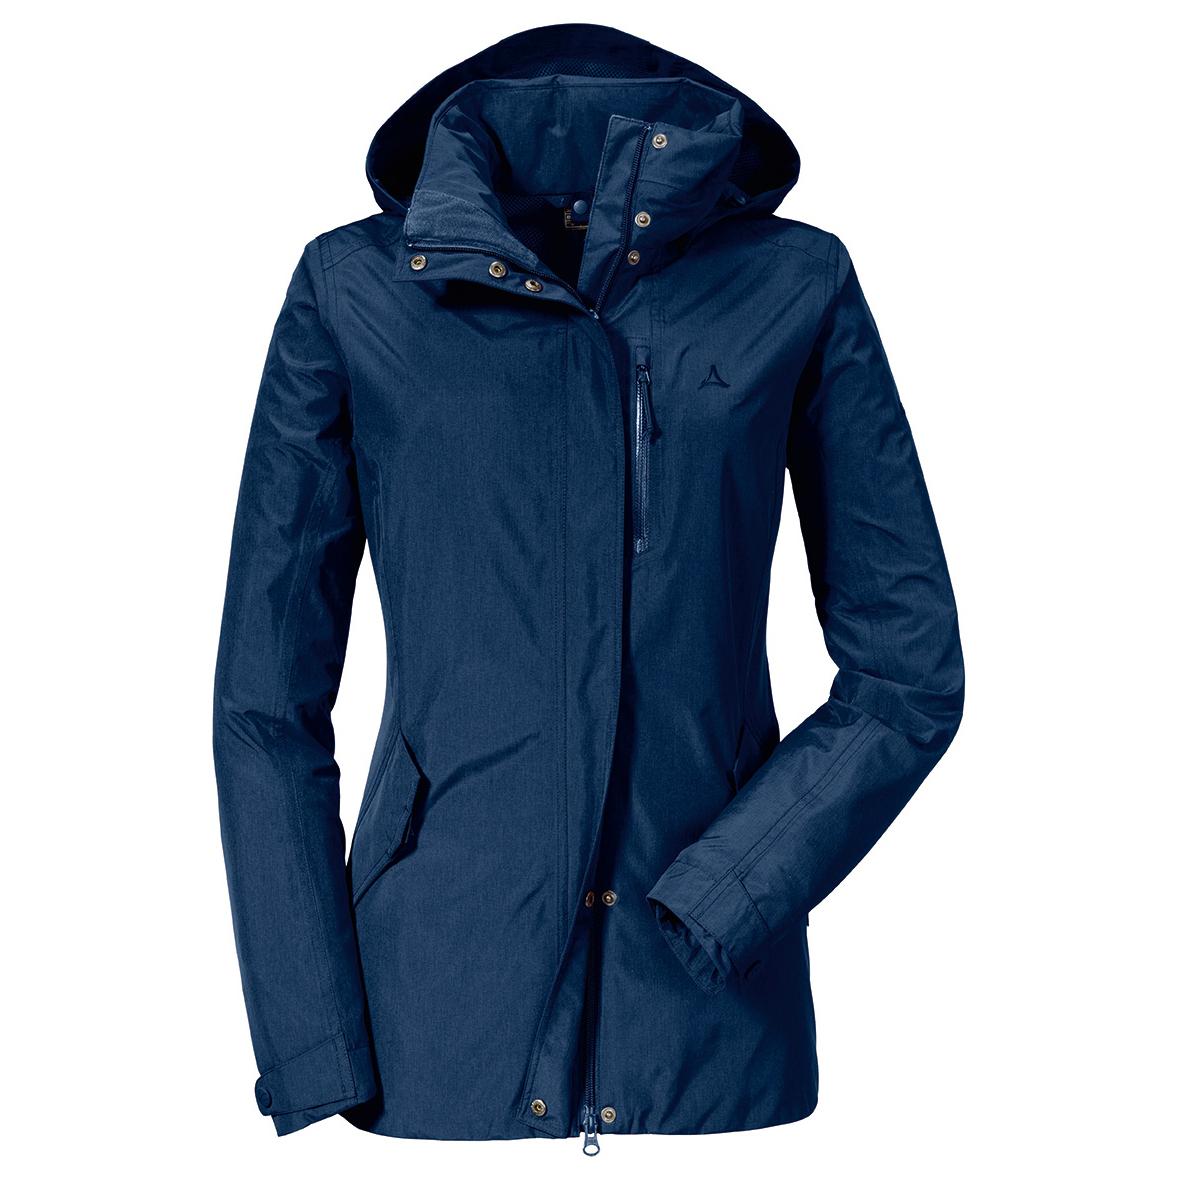 Genieße den niedrigsten Preis helle n Farbe neueste Schöffel - Women's Zipin! Jacket Fontanella2 - Regenjacke - Beet Red   40  (EU)